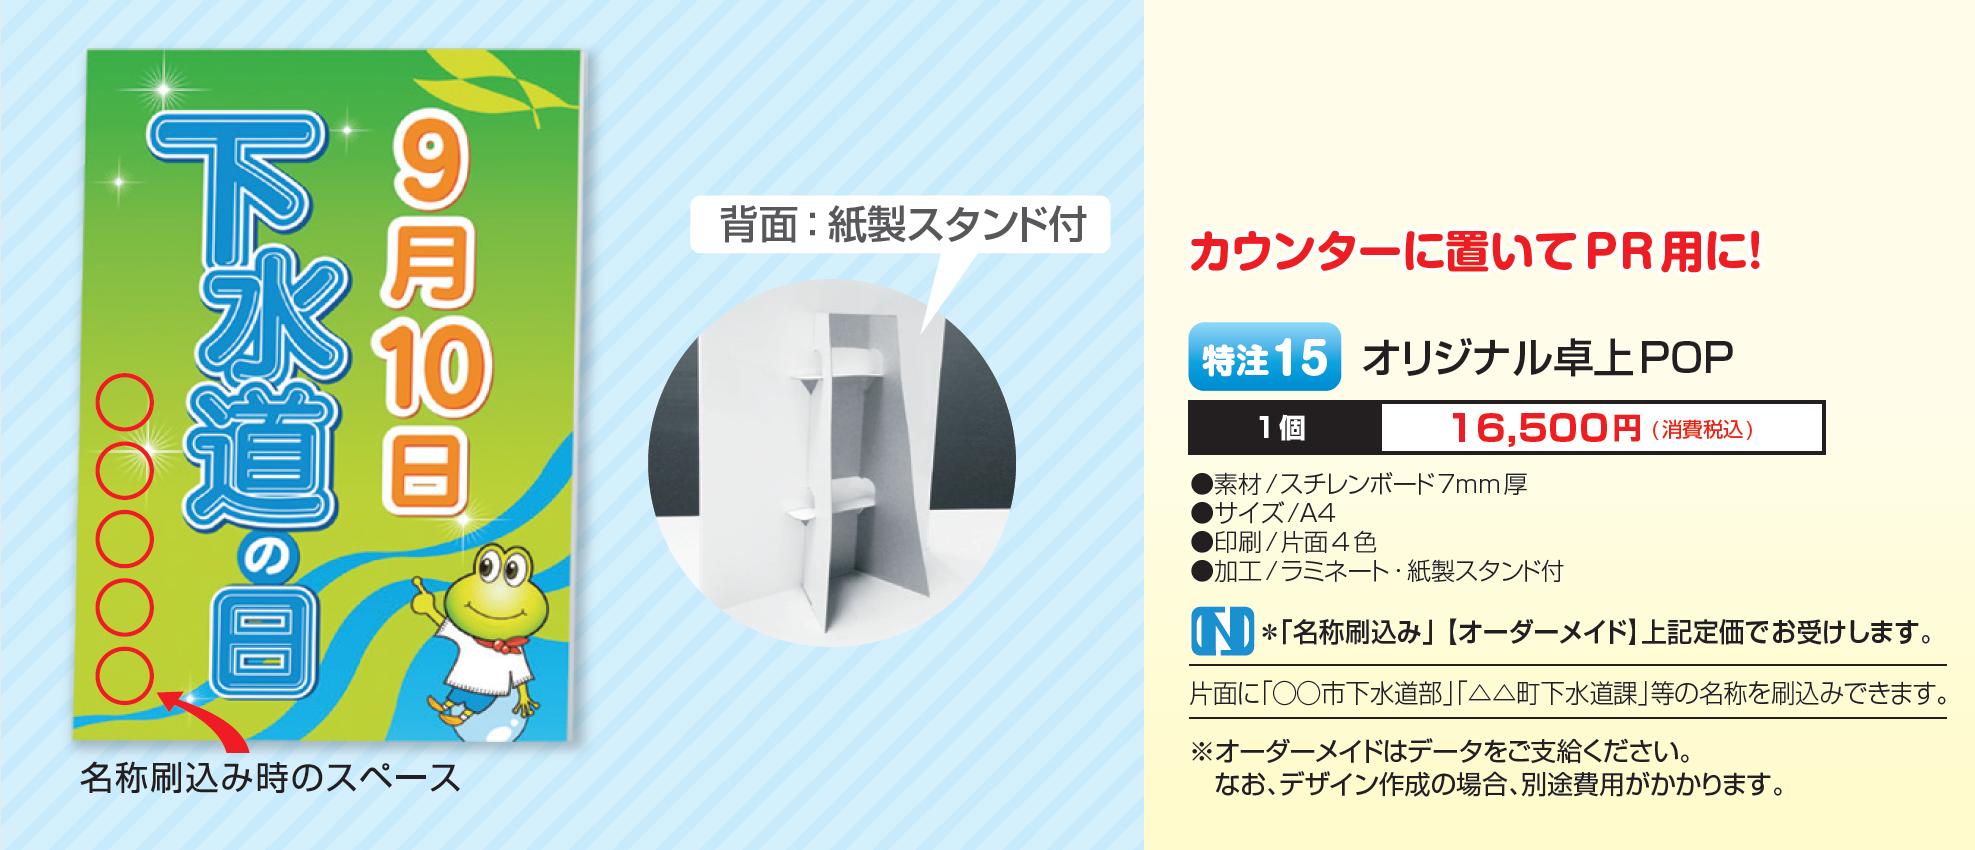 【製品No.特注15】オリジナル卓上POP